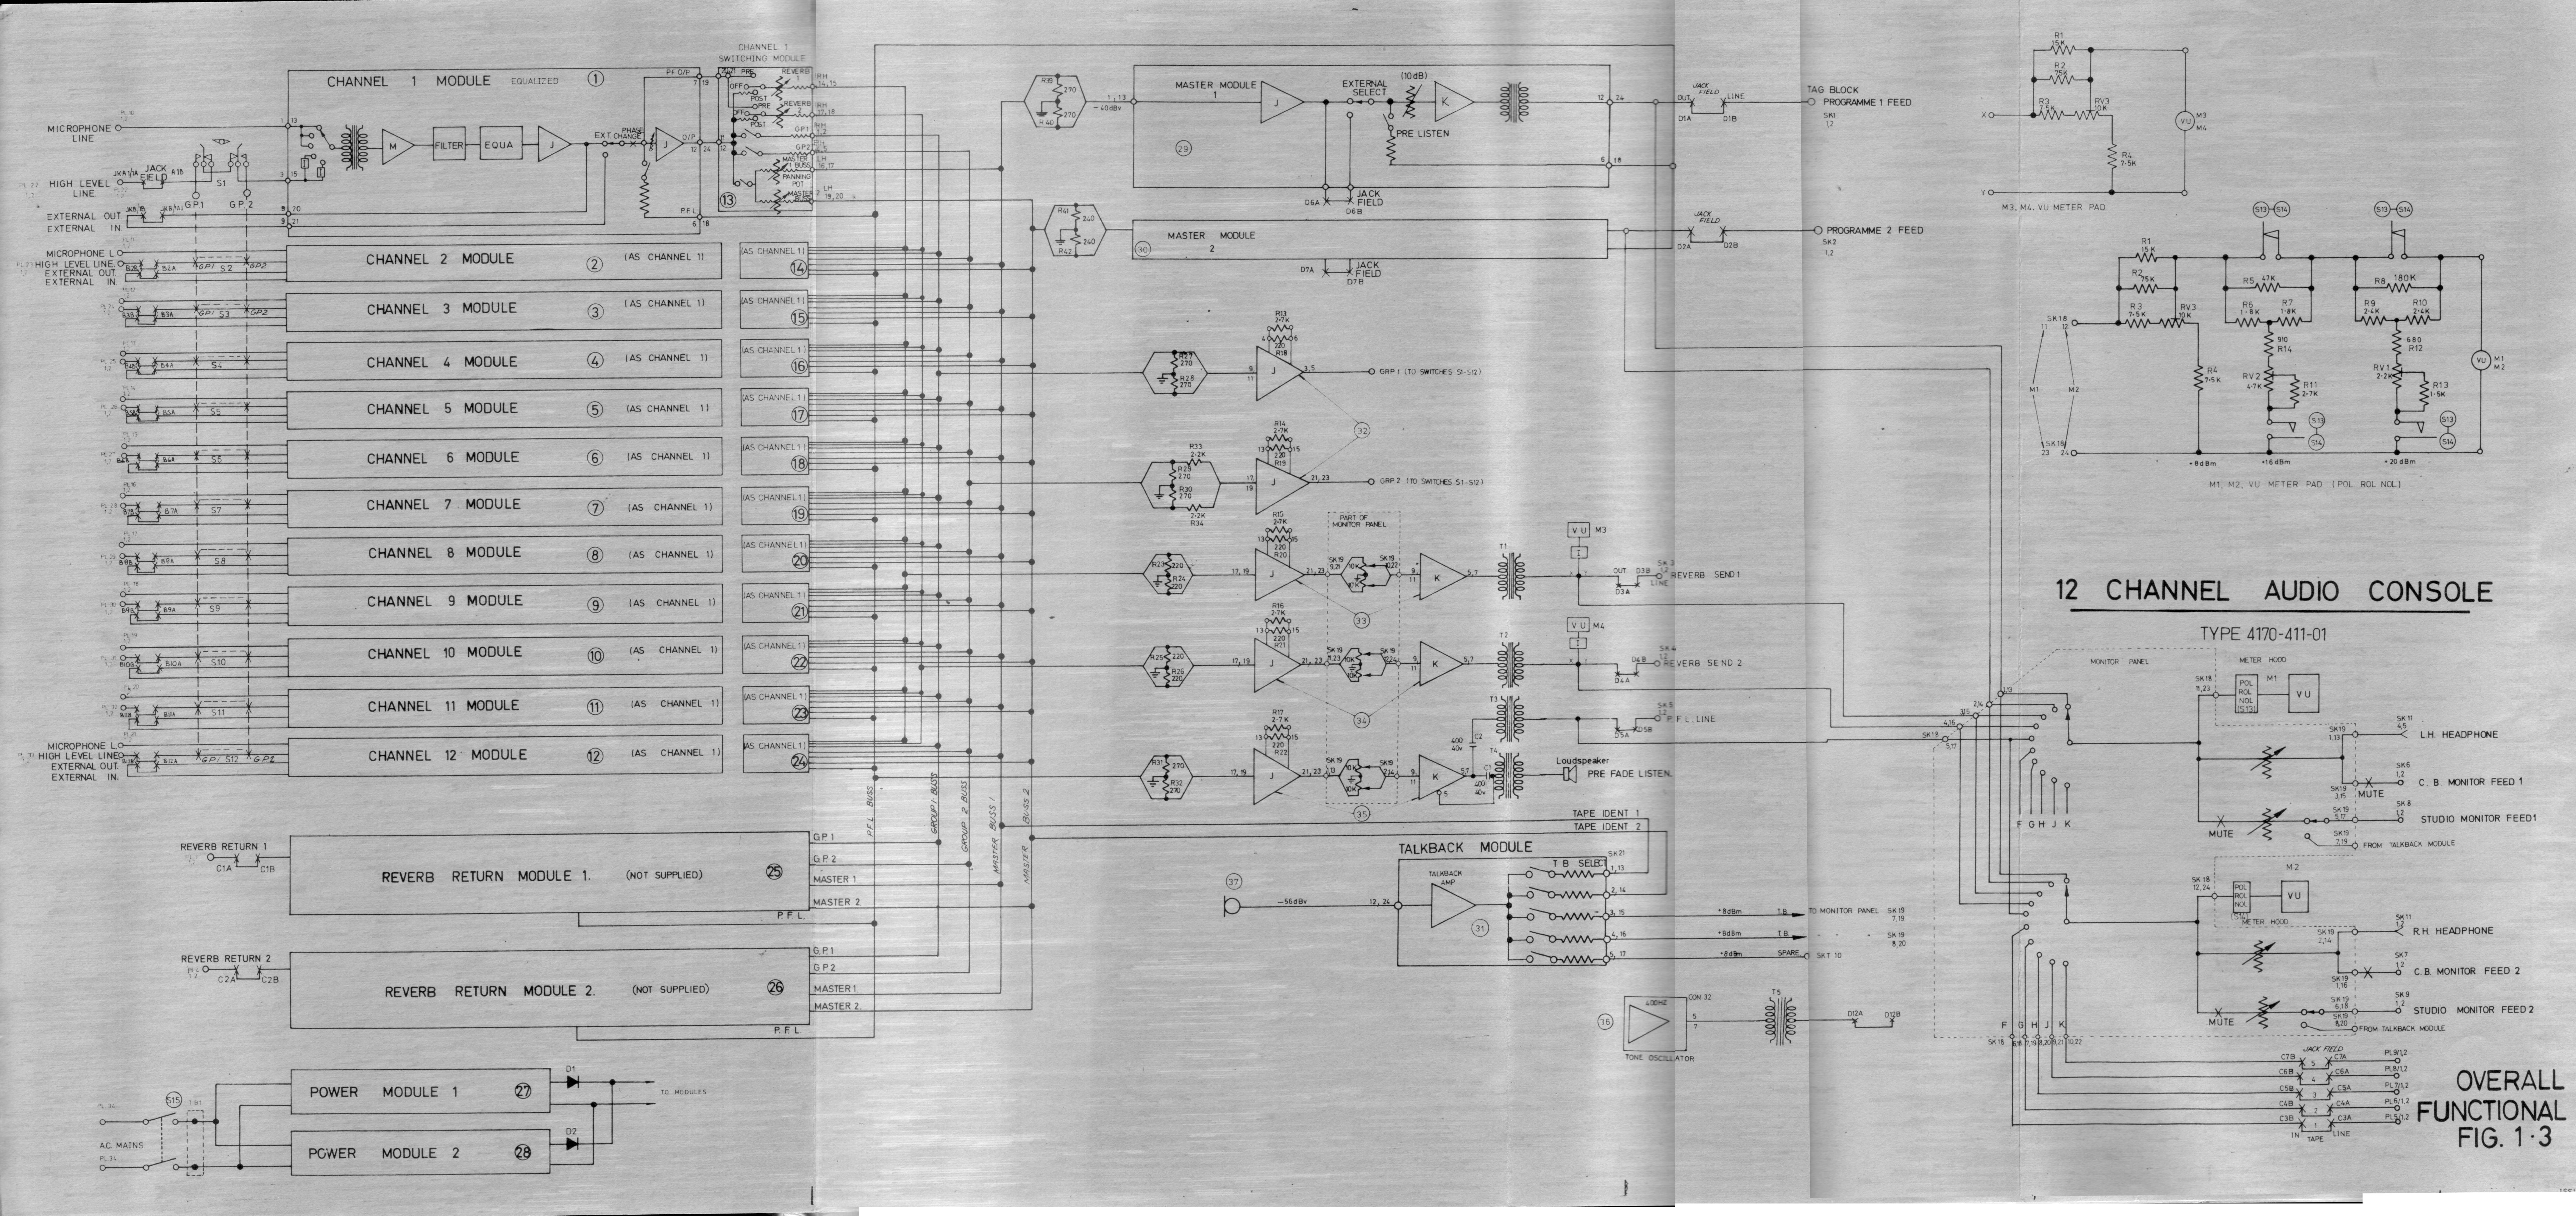 Astor Audio Mixer Type 411 01 Handbook Scans